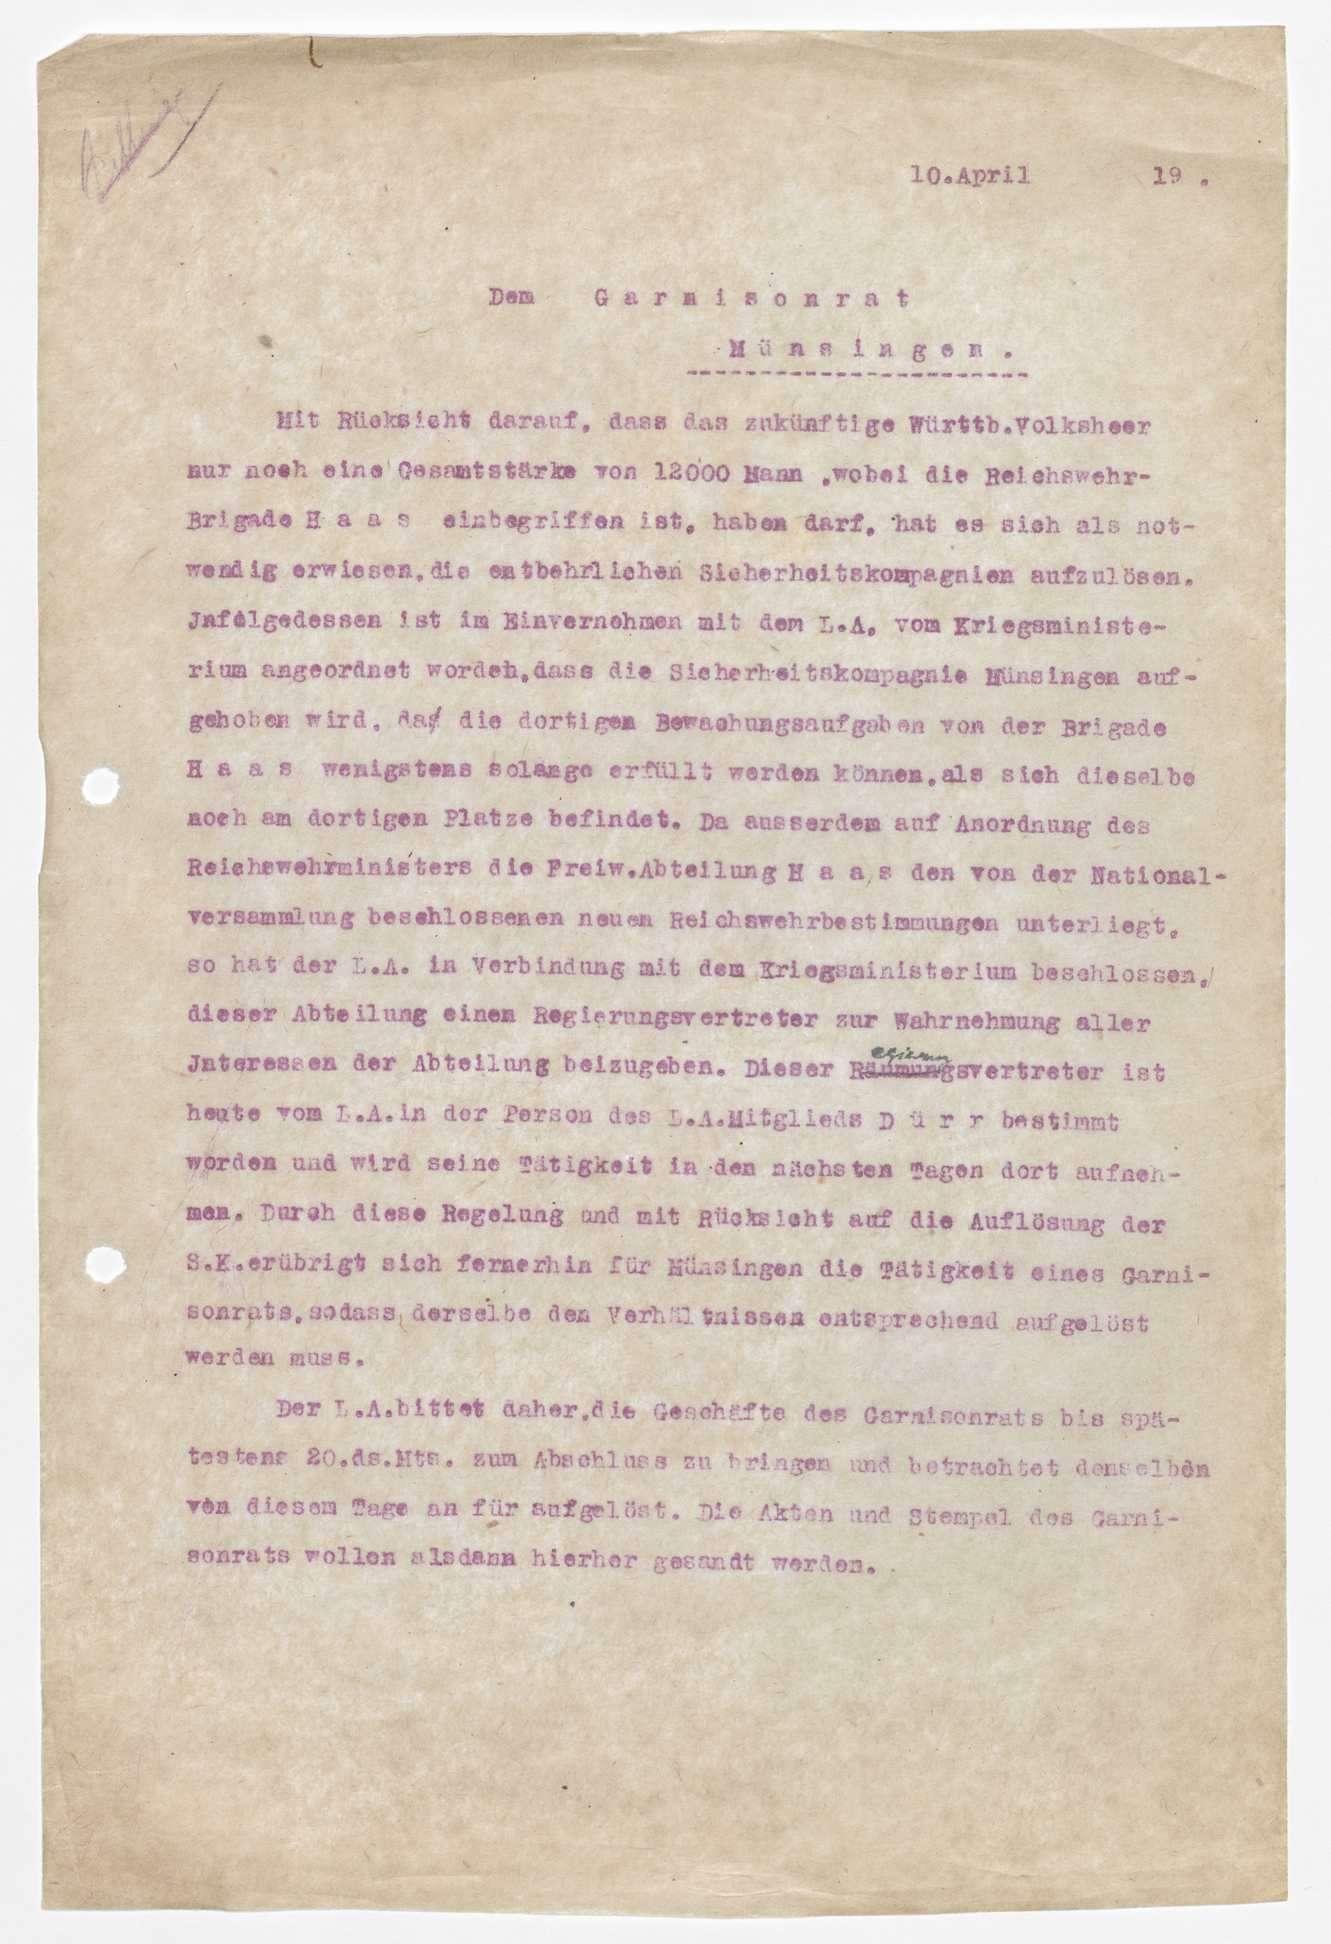 Garnisonsrat Münsingen: Zusammensetzung, Aufhebung, Bild 3